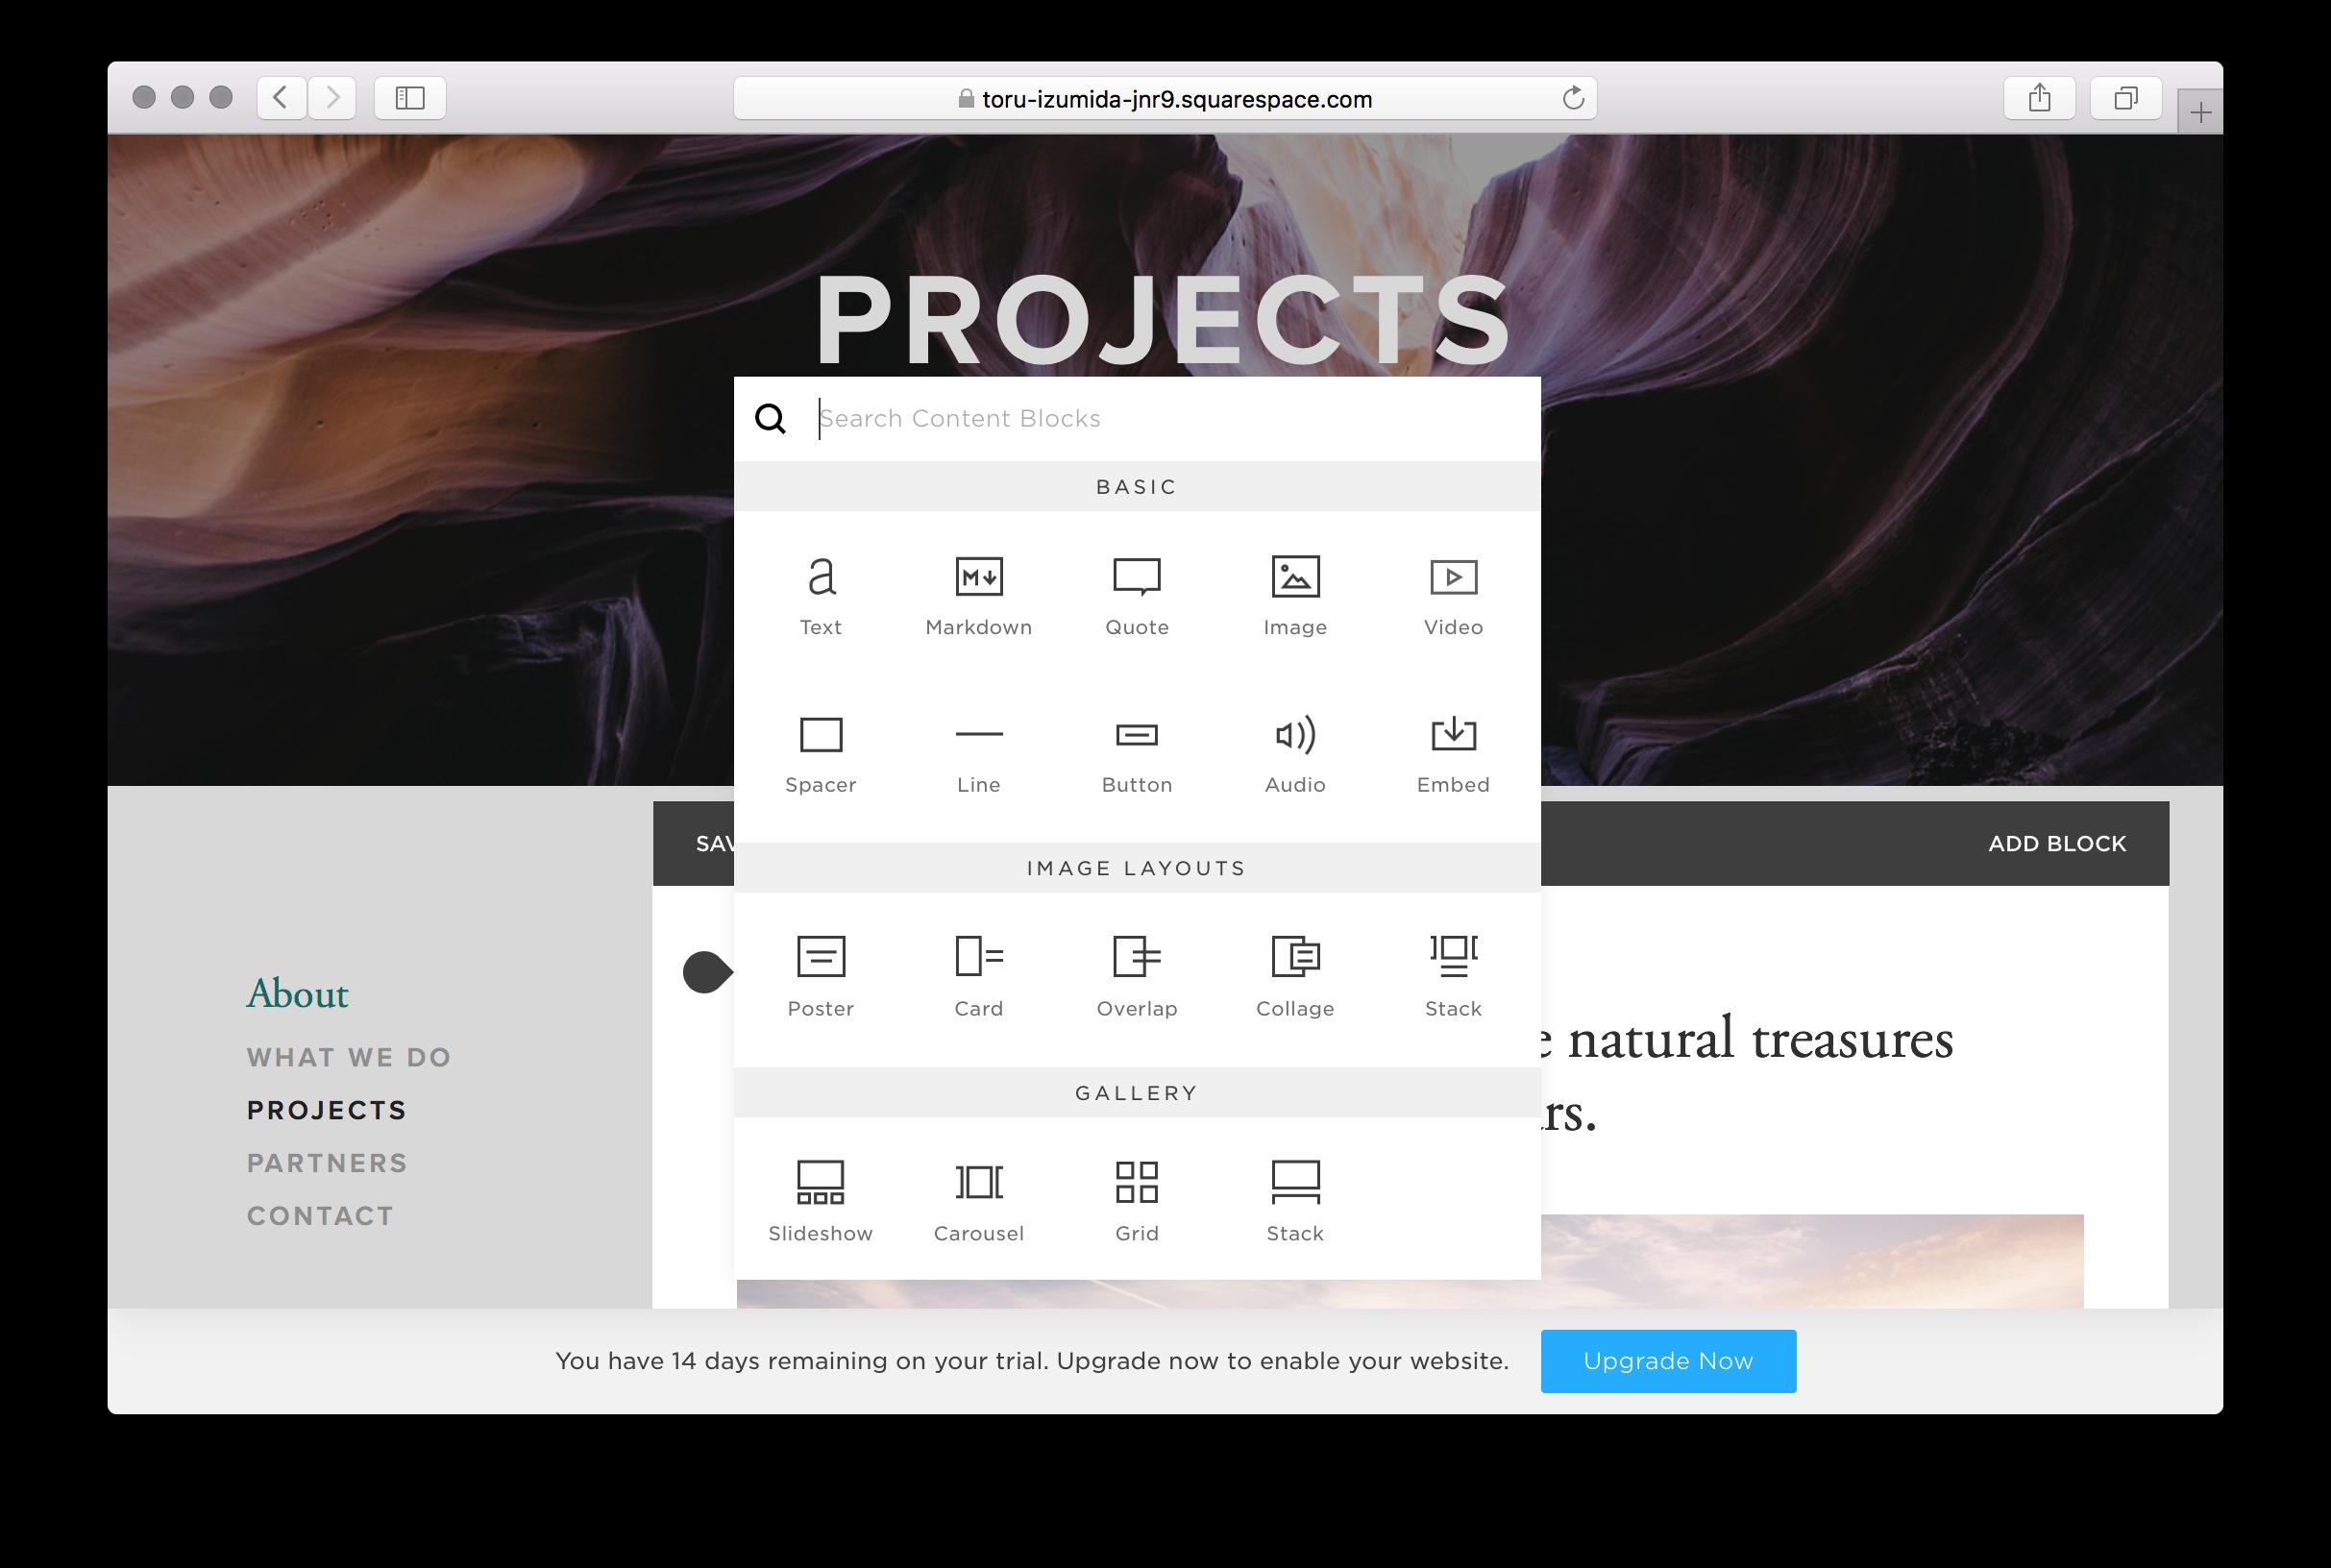 例: Projectsのページをクリックした際の編集画面